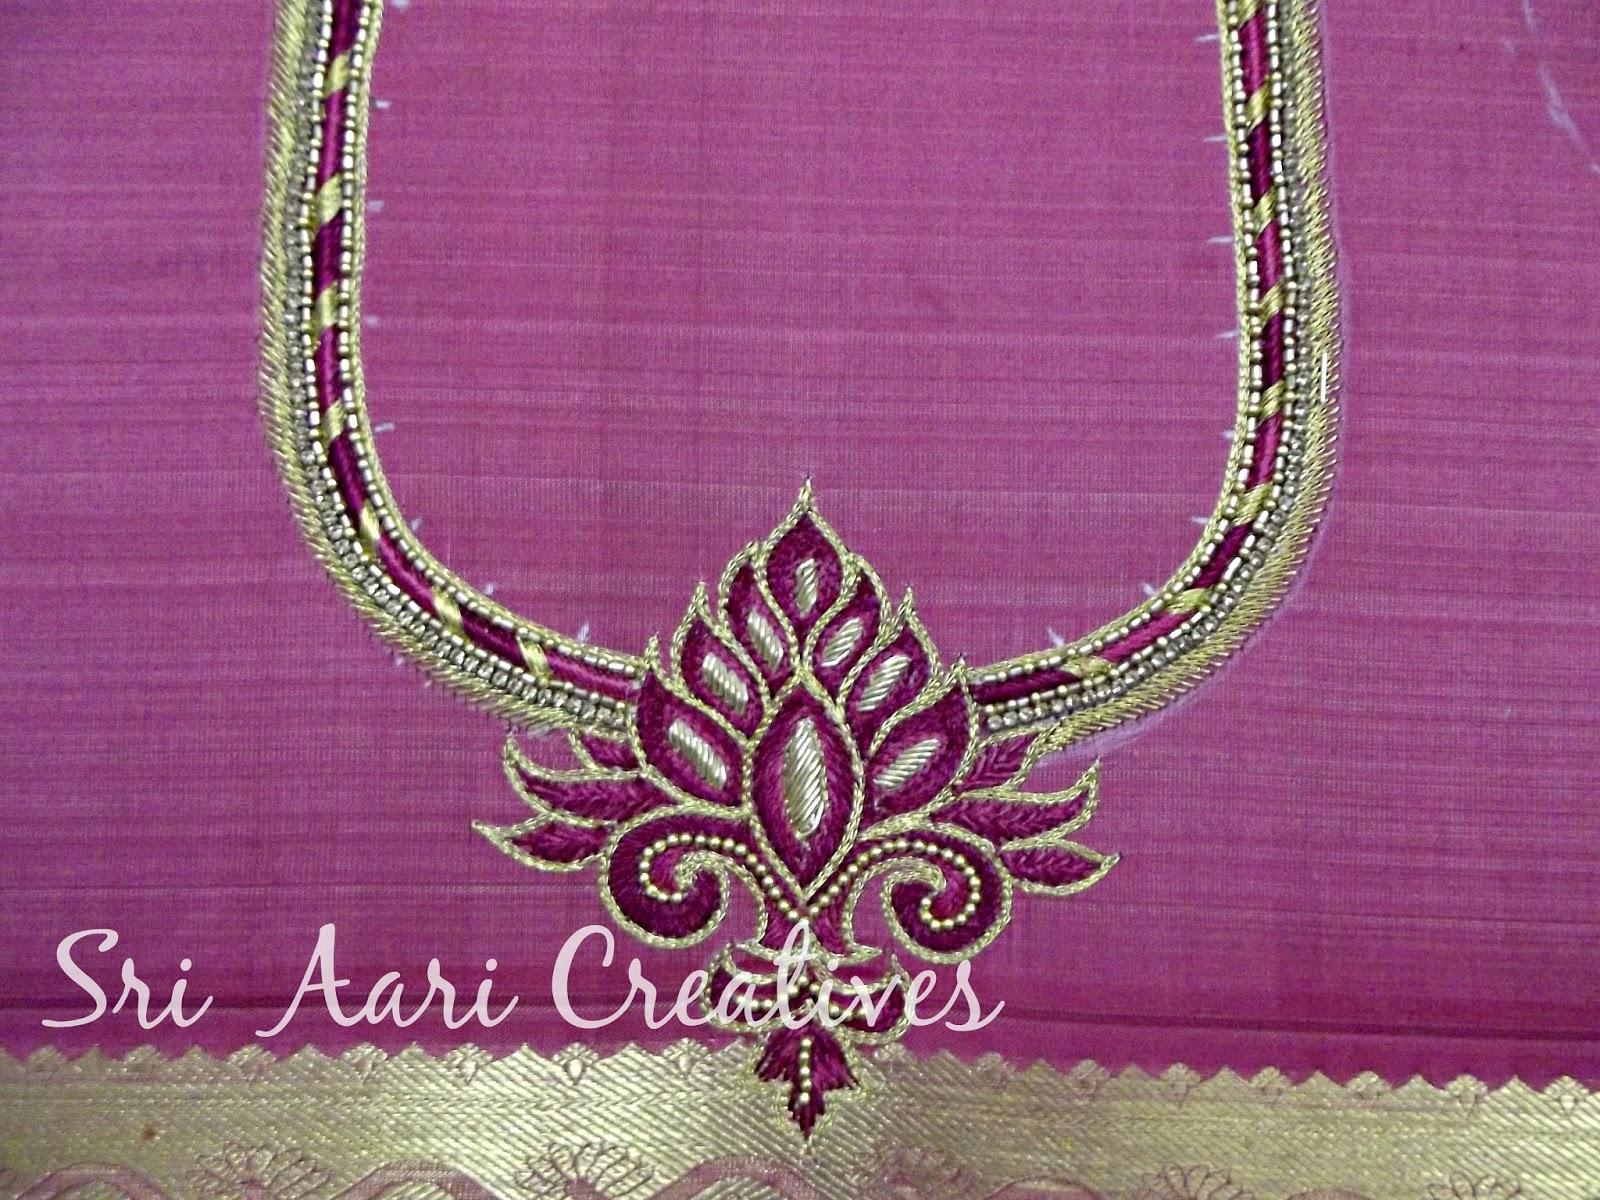 Sri aari creatives embroidery simple designs